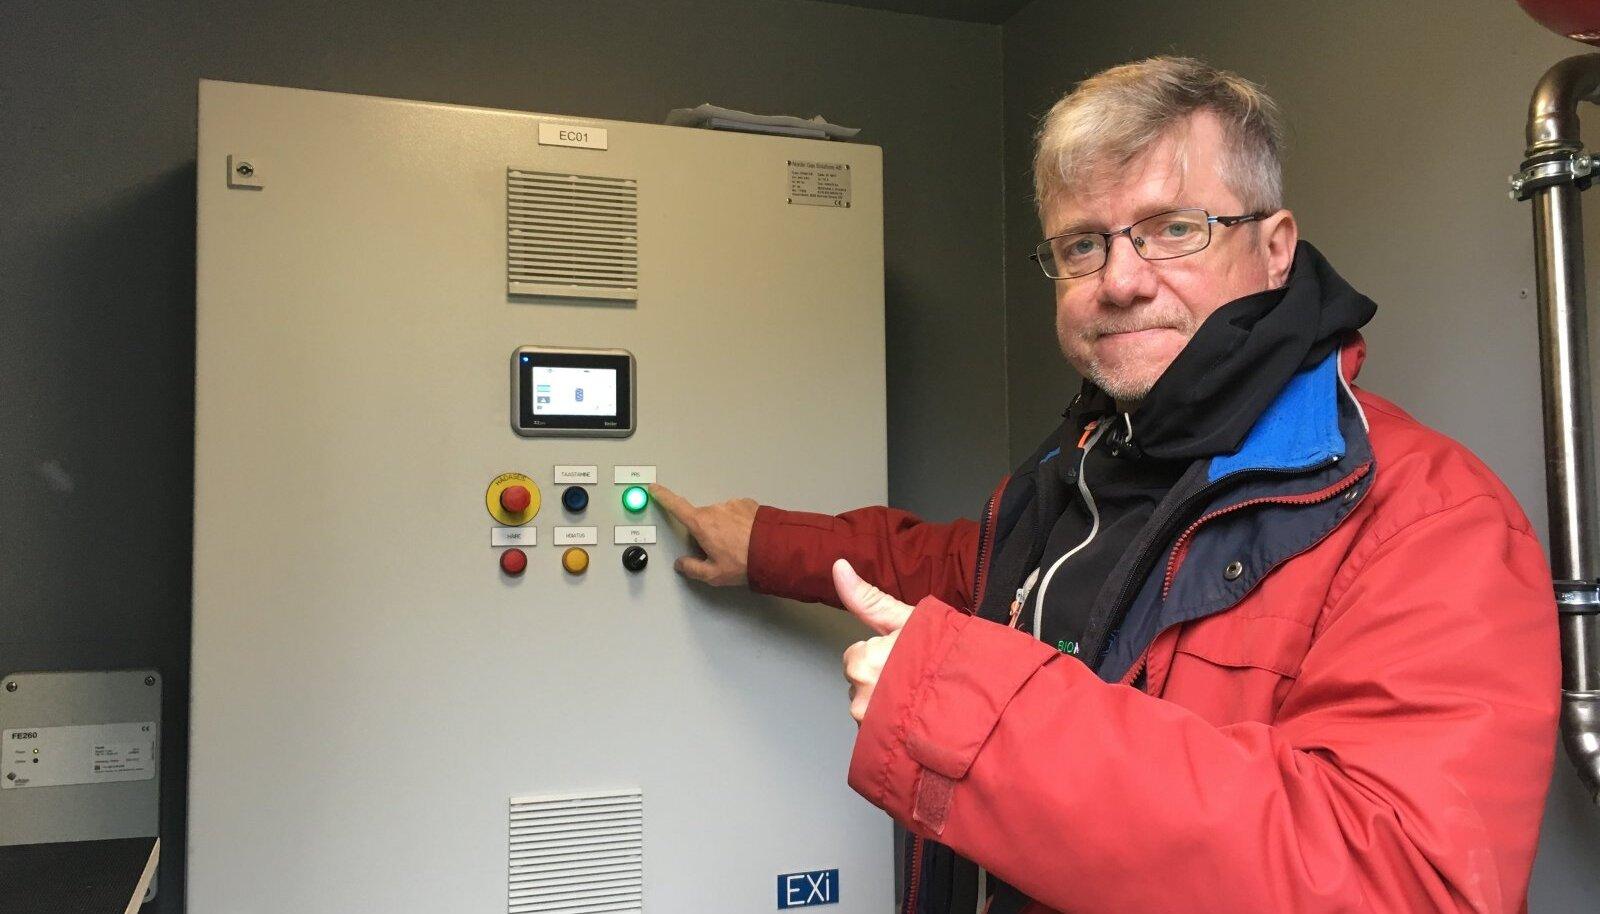 Biometaani OÜ tootmisjaama juht Ahto Oja selgitab, et neil toodetakse biometaani põllumajanduslikest jäätmetest ja lehmalägast.